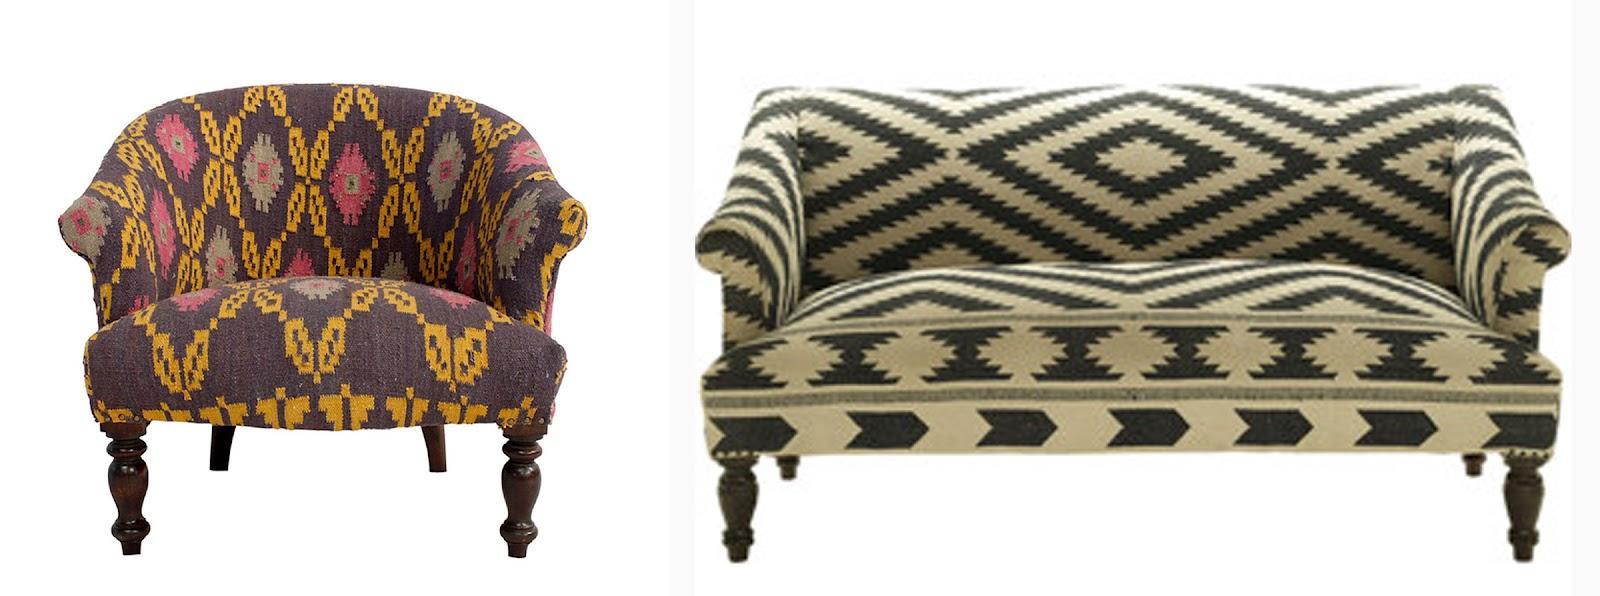 Kilim Sofas Kilim Sofa Prince Furniture